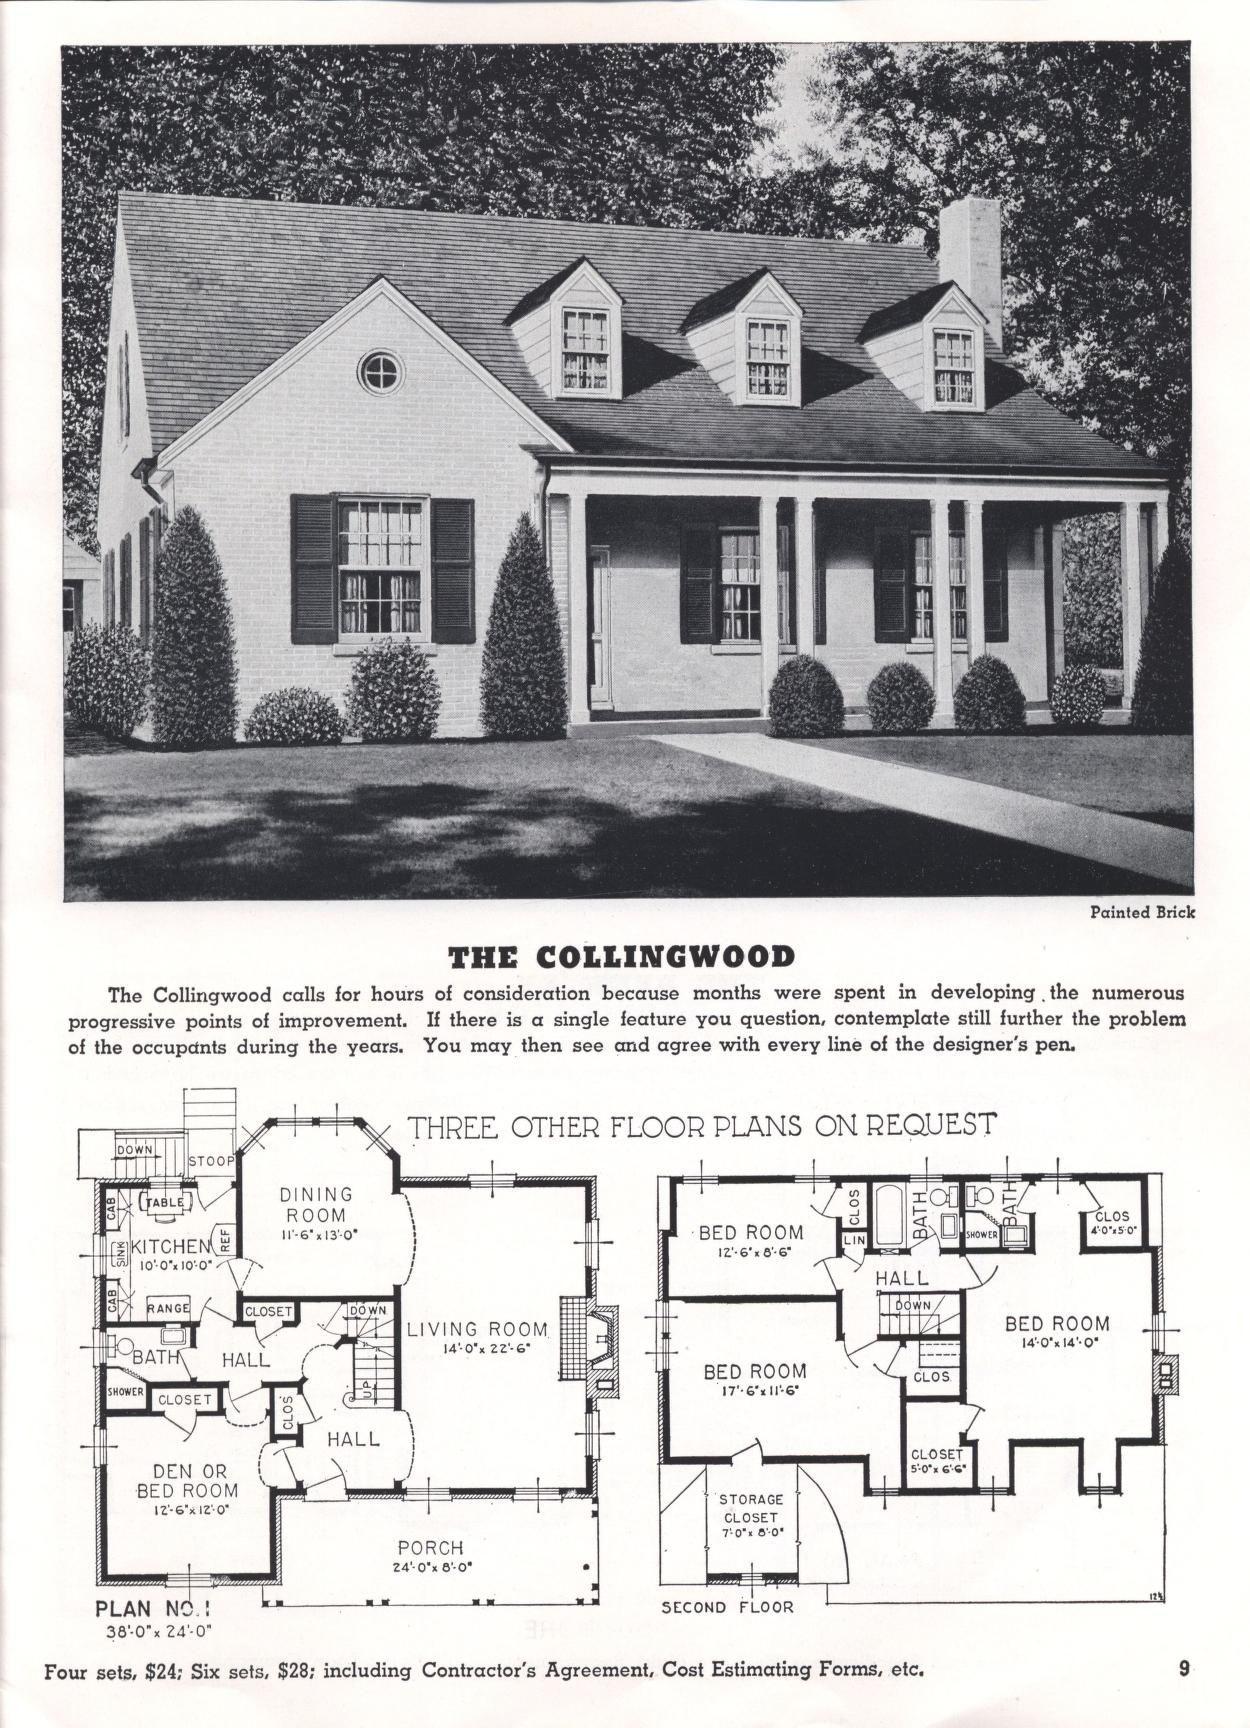 Vintage Interior Design Ideas To Convert Your Home Floor Plans House Plans Vintage Architecture